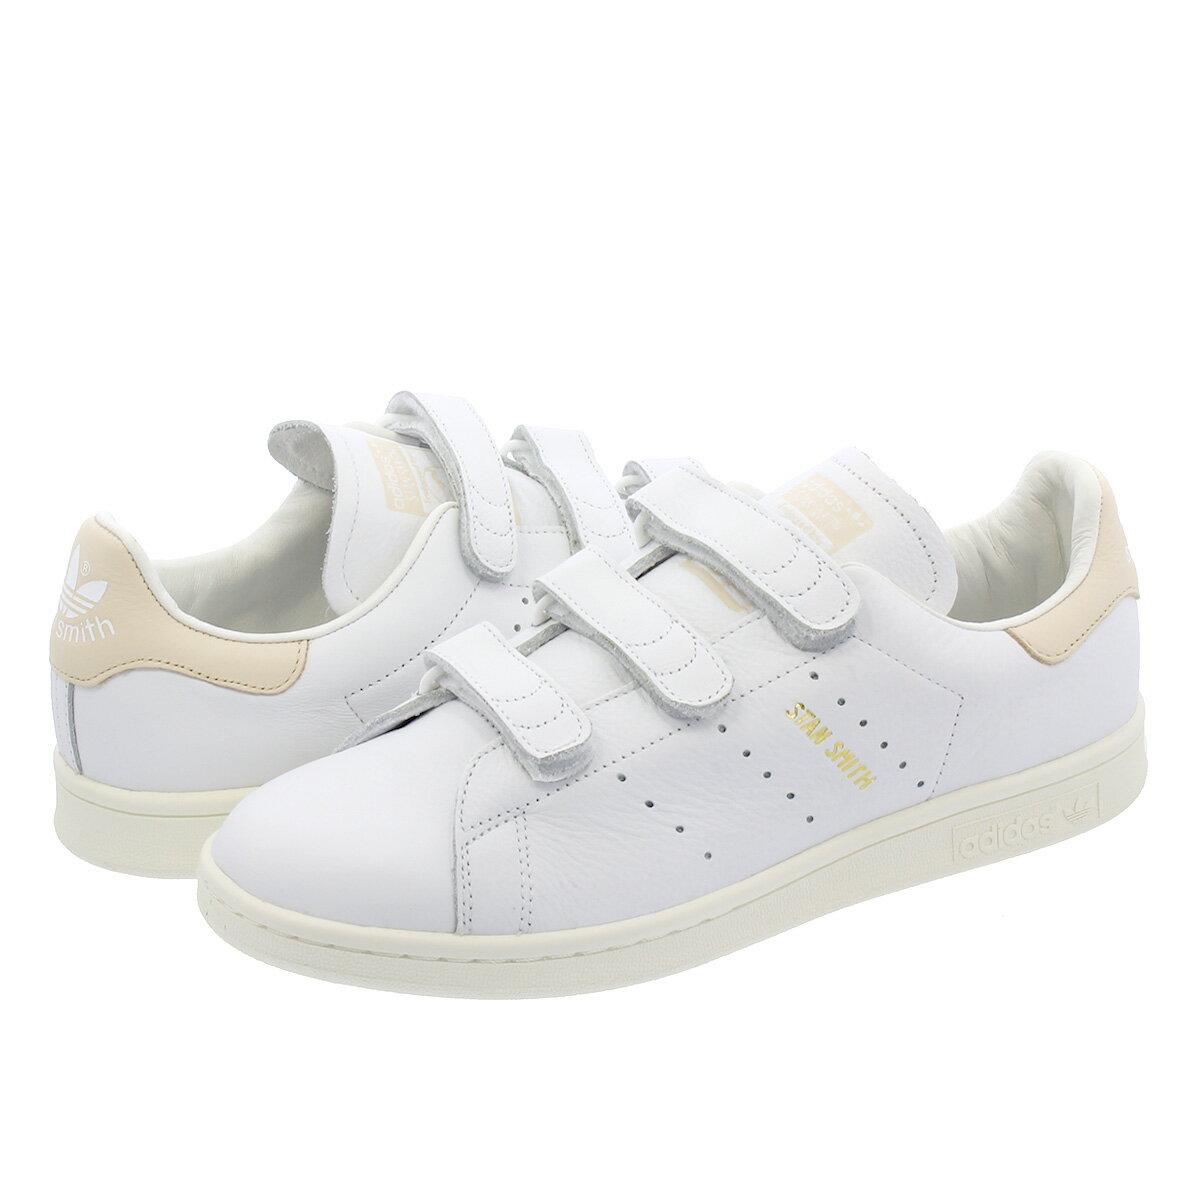 【お買い物マラソンSALE】 adidas STAN SMITH CF 【adidas Originals】 アディダス スタンスミス CF RUNNING WHITE/RUNNING WHITE/LINEN f36573